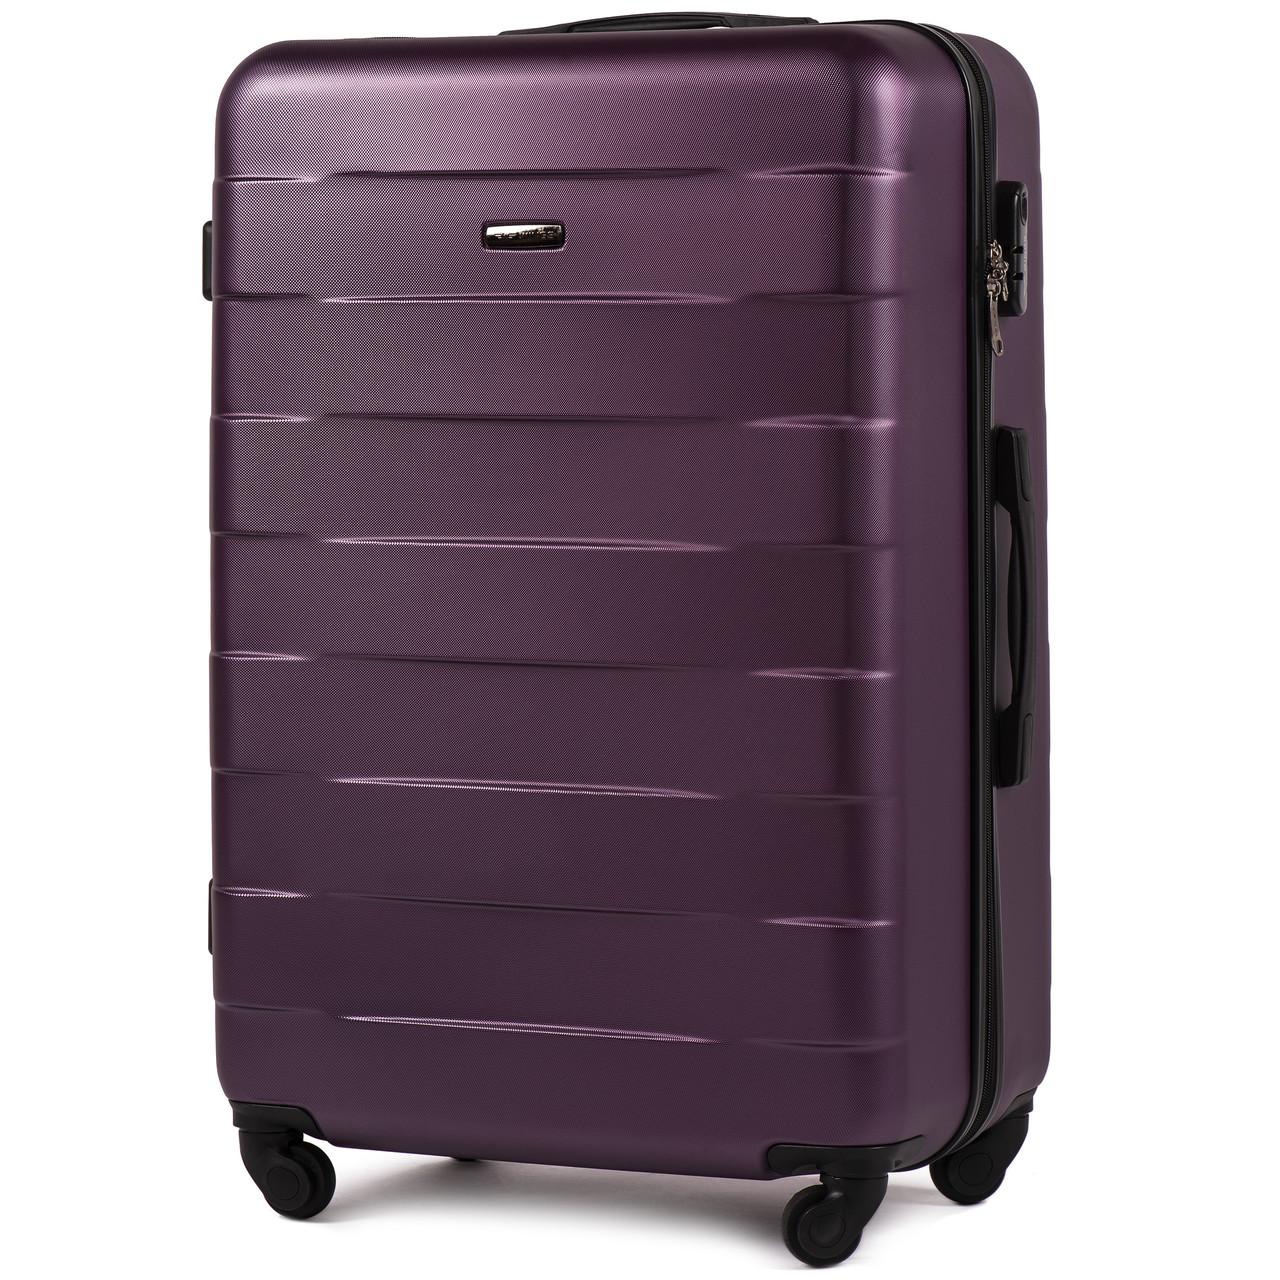 Большой пластиковый чемодан Wings 401 на 4 колесах фиолетовый, фото 1